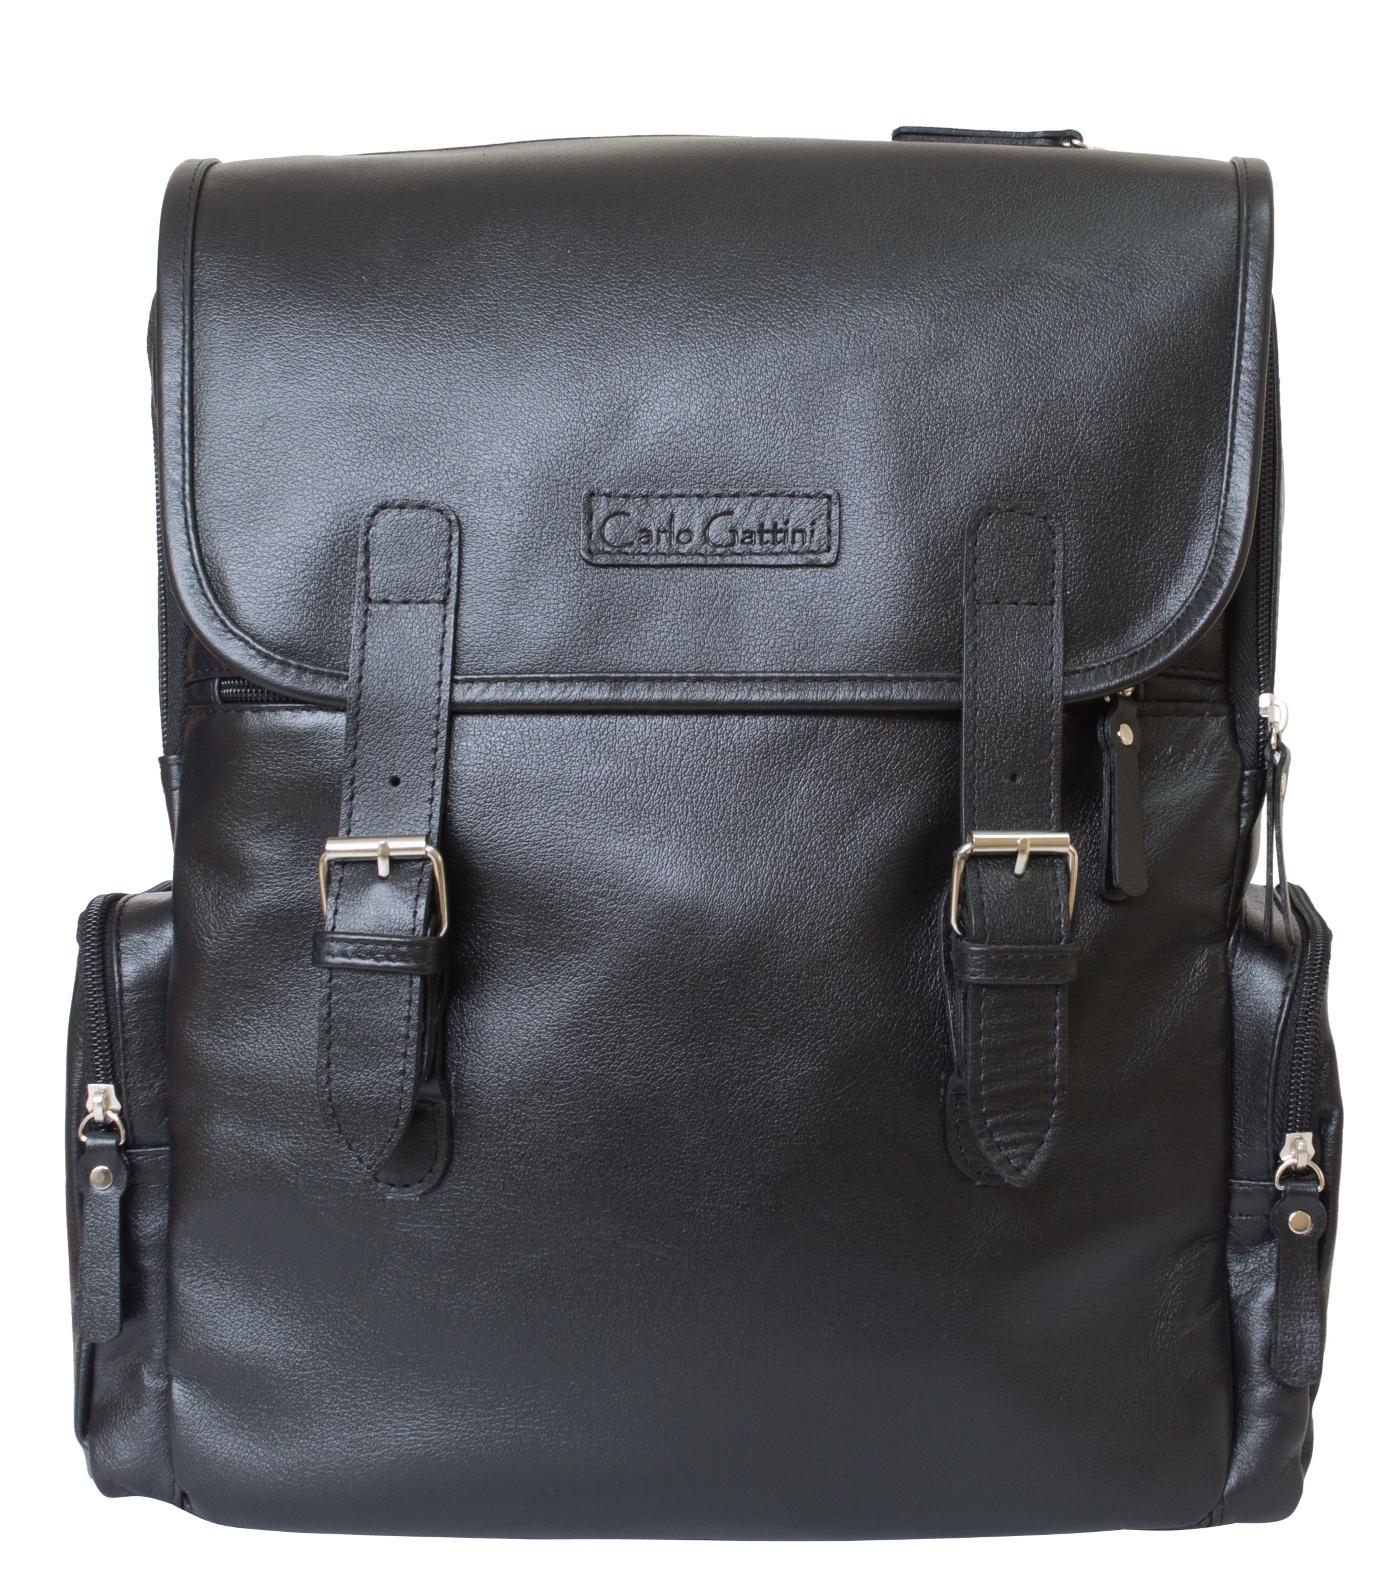 Рюкзак Carlo Gattini Santerno, черный ноутбук 10 дюймов